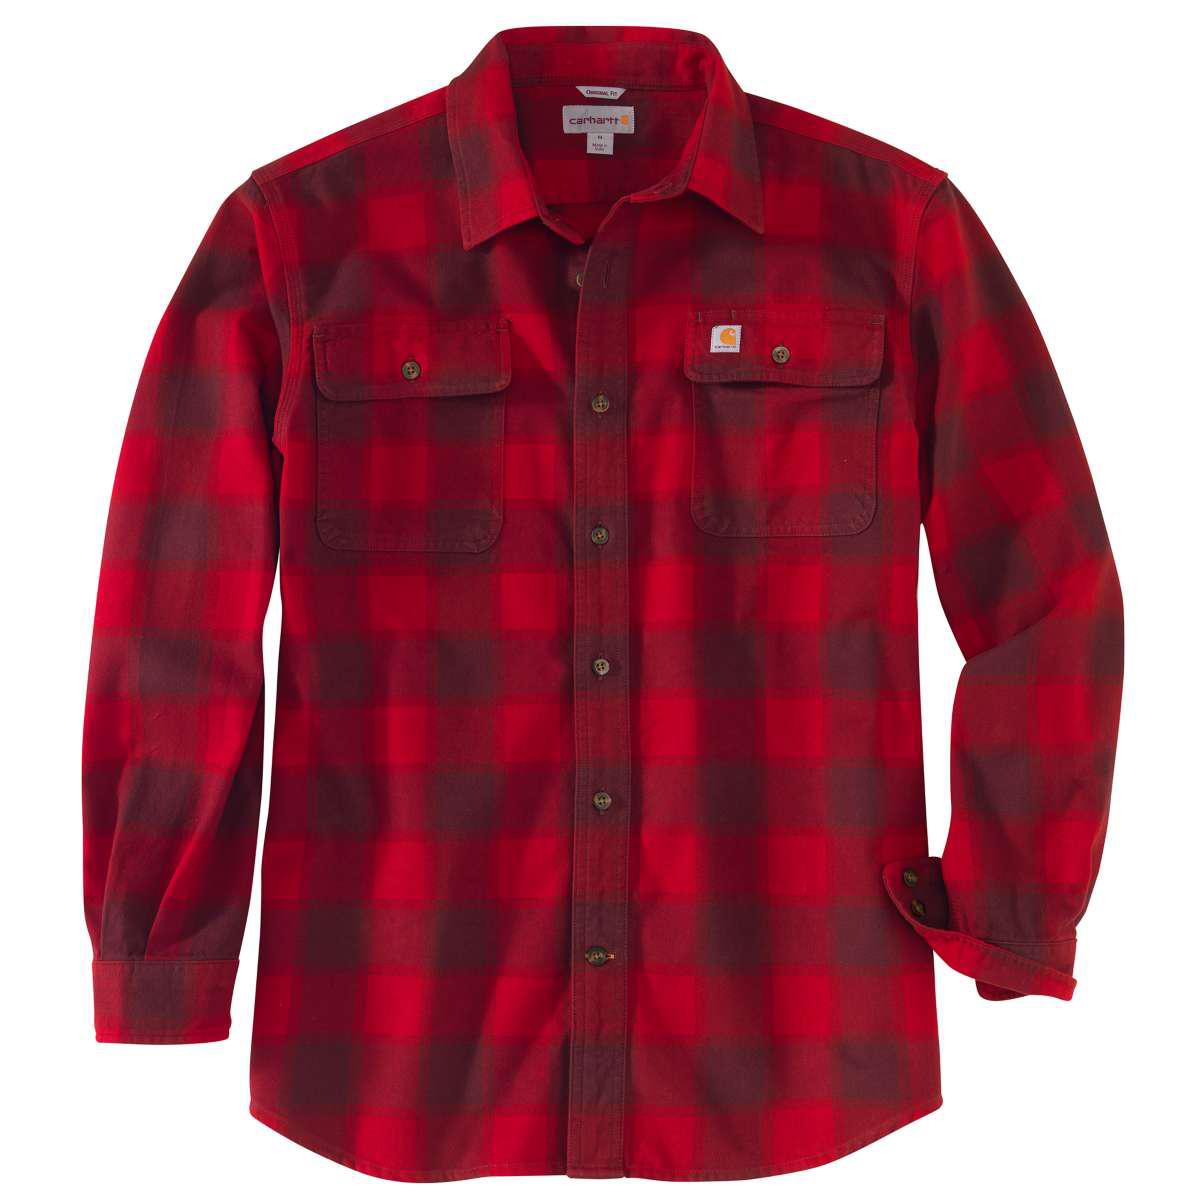 Carhartt Men's Hubbard Flannel Long-Sleeve Shirt - Red, S